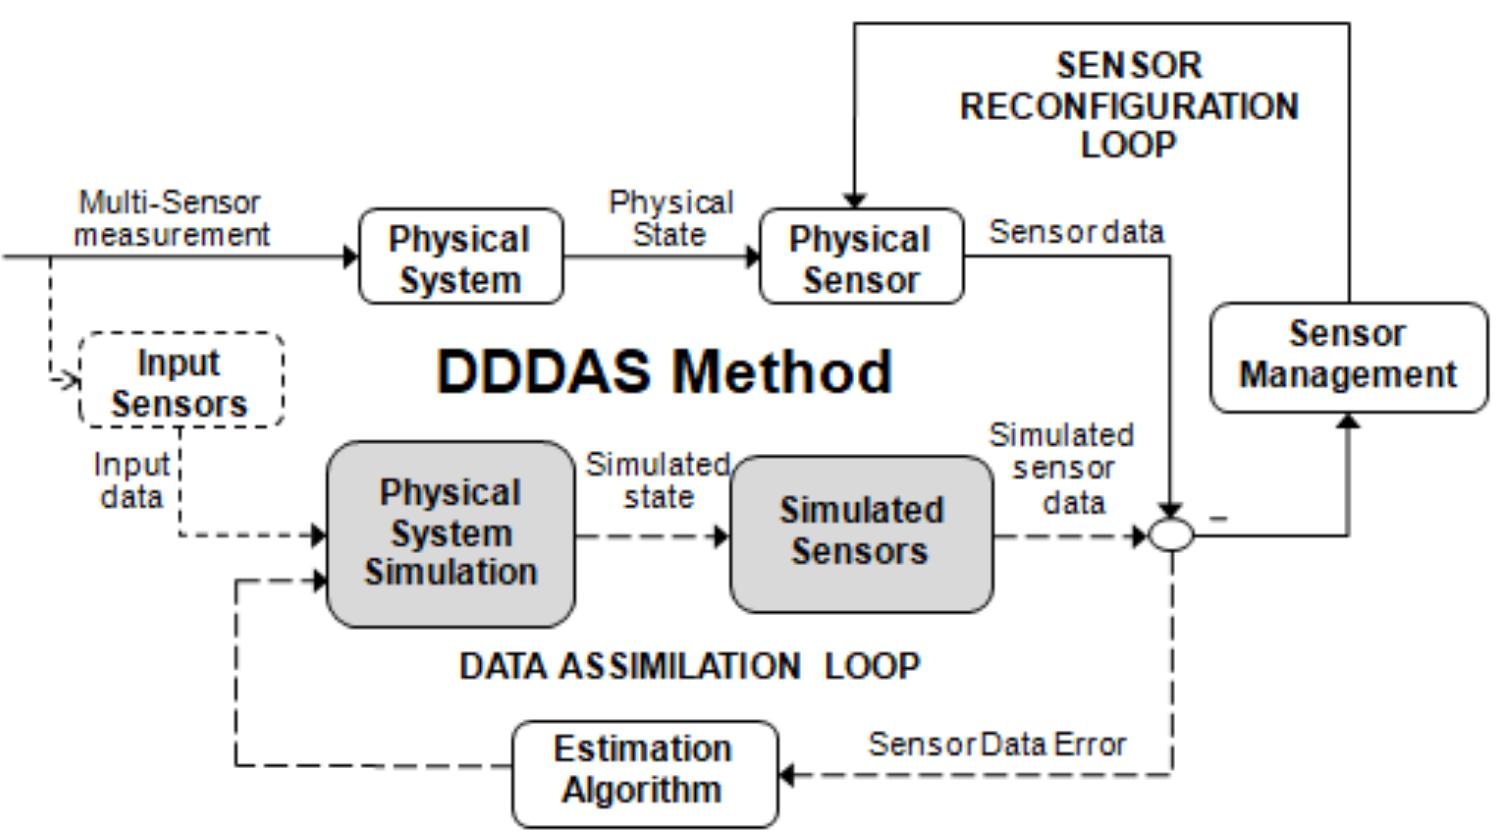 DDDAS_With_Feedback_Loop